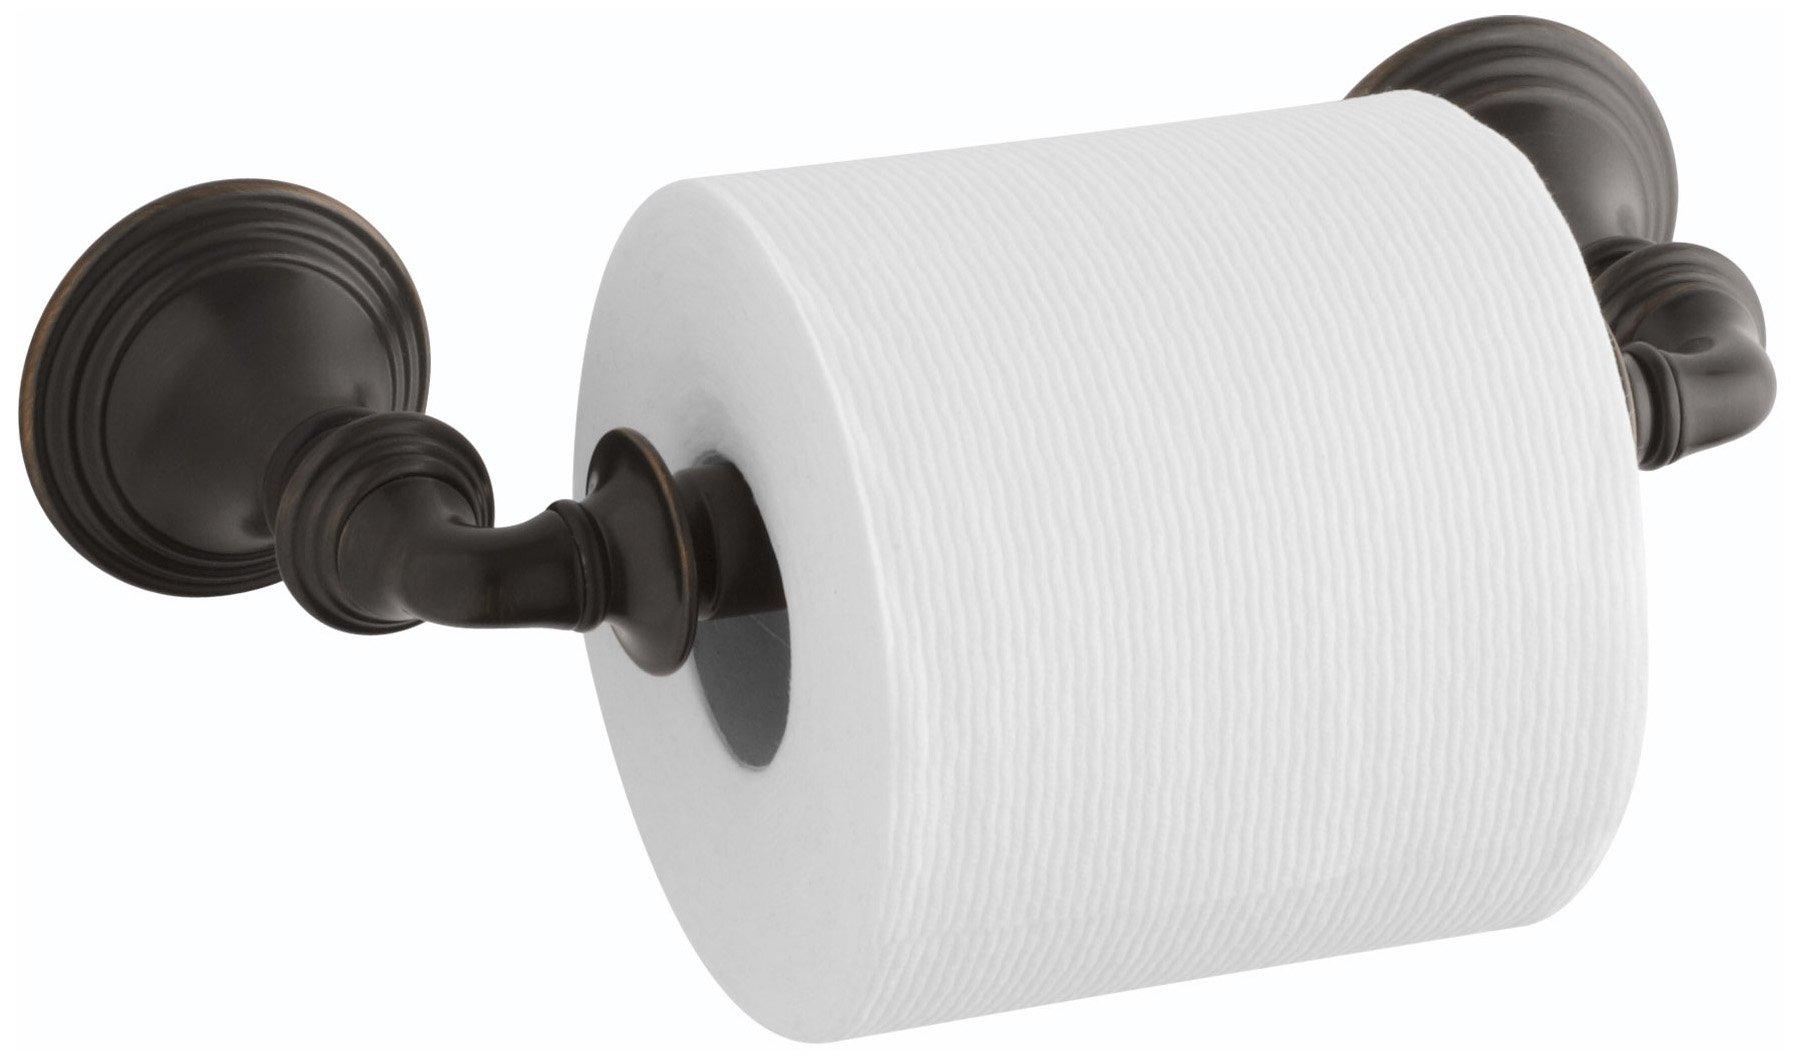 Kohler K-10554-2BZ Devonshire Toilet Paper Holder, Oil Rubbed Bronze